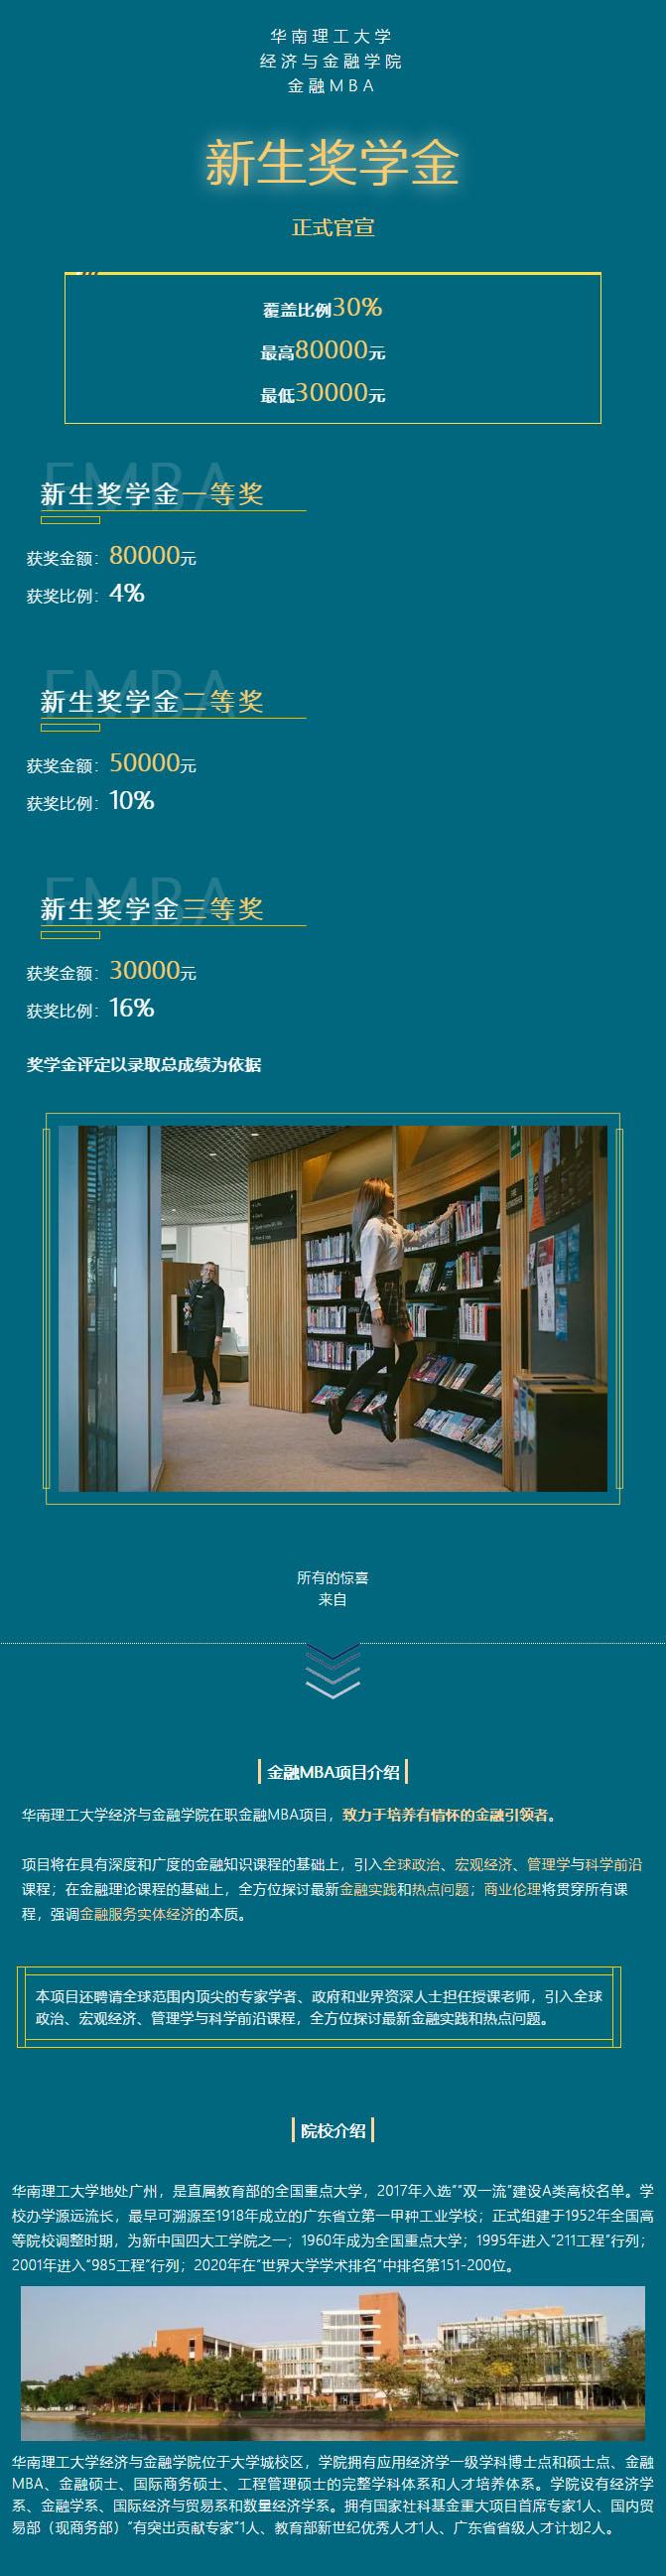 华工金融MBA新生奖学金正式官宣